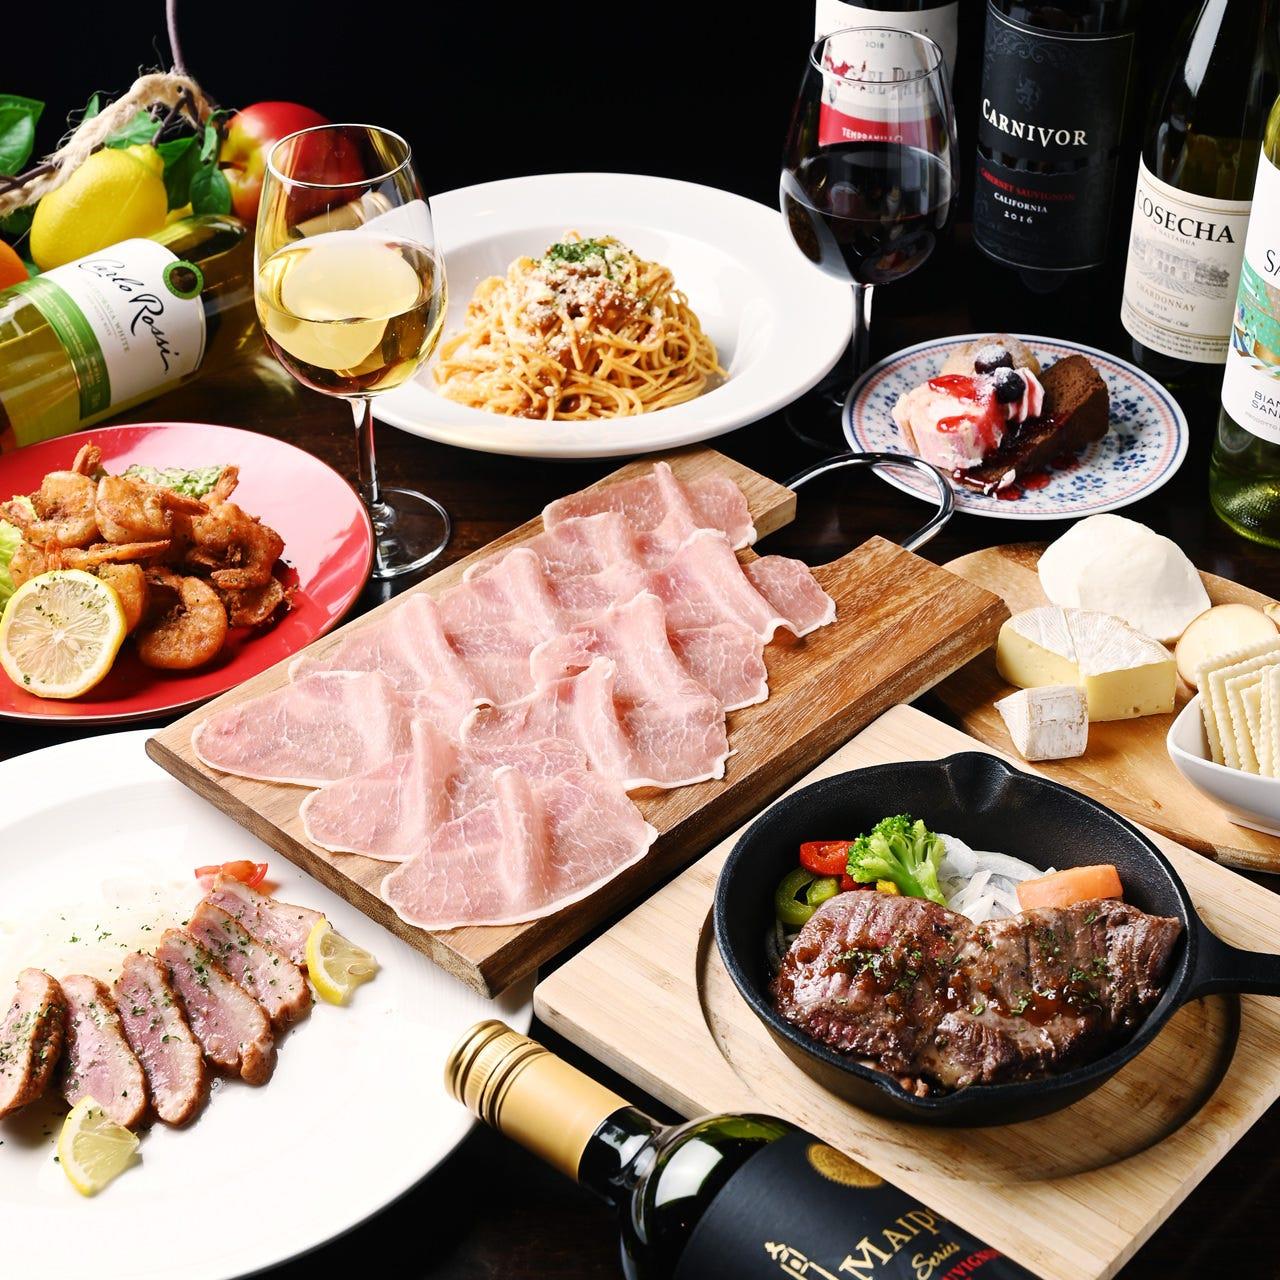 北海道産の生ハム食べ放題付きコース